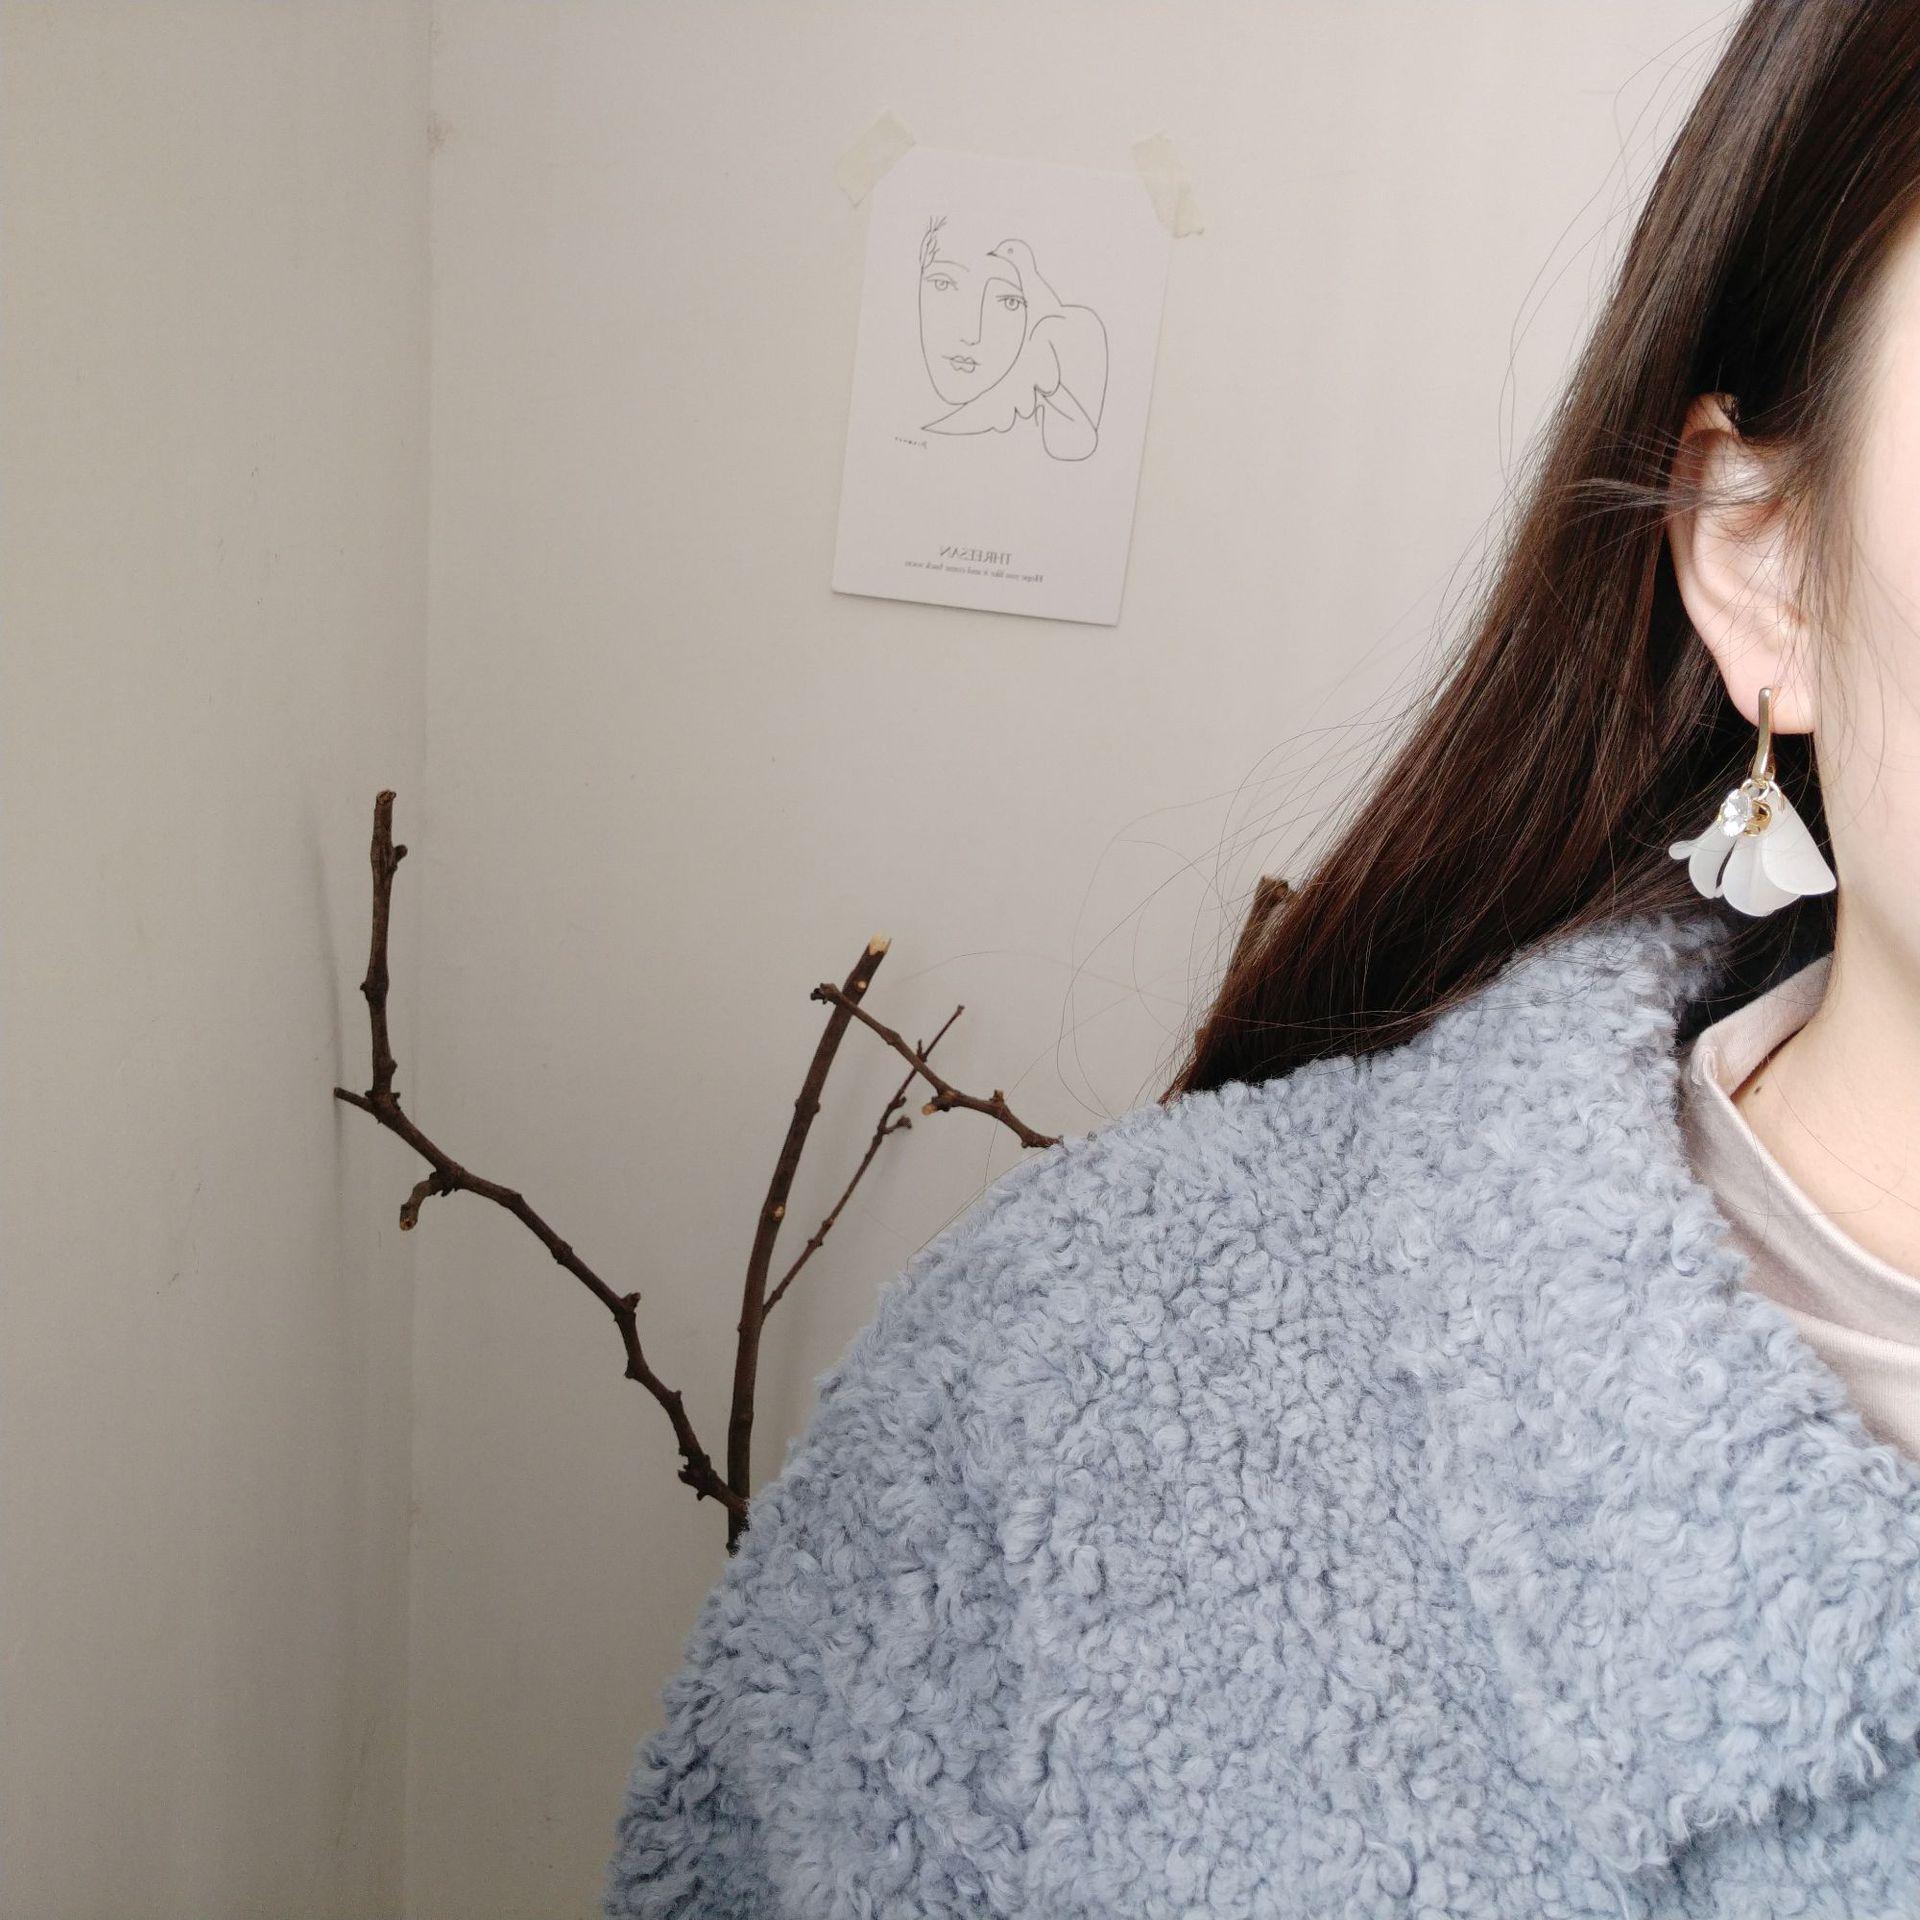 中國代購|中國批發-ibuy99|耳钉|韩国东大门新款设计白色花瓣耳环韩版少女心花朵锆石耳钉耳饰品女